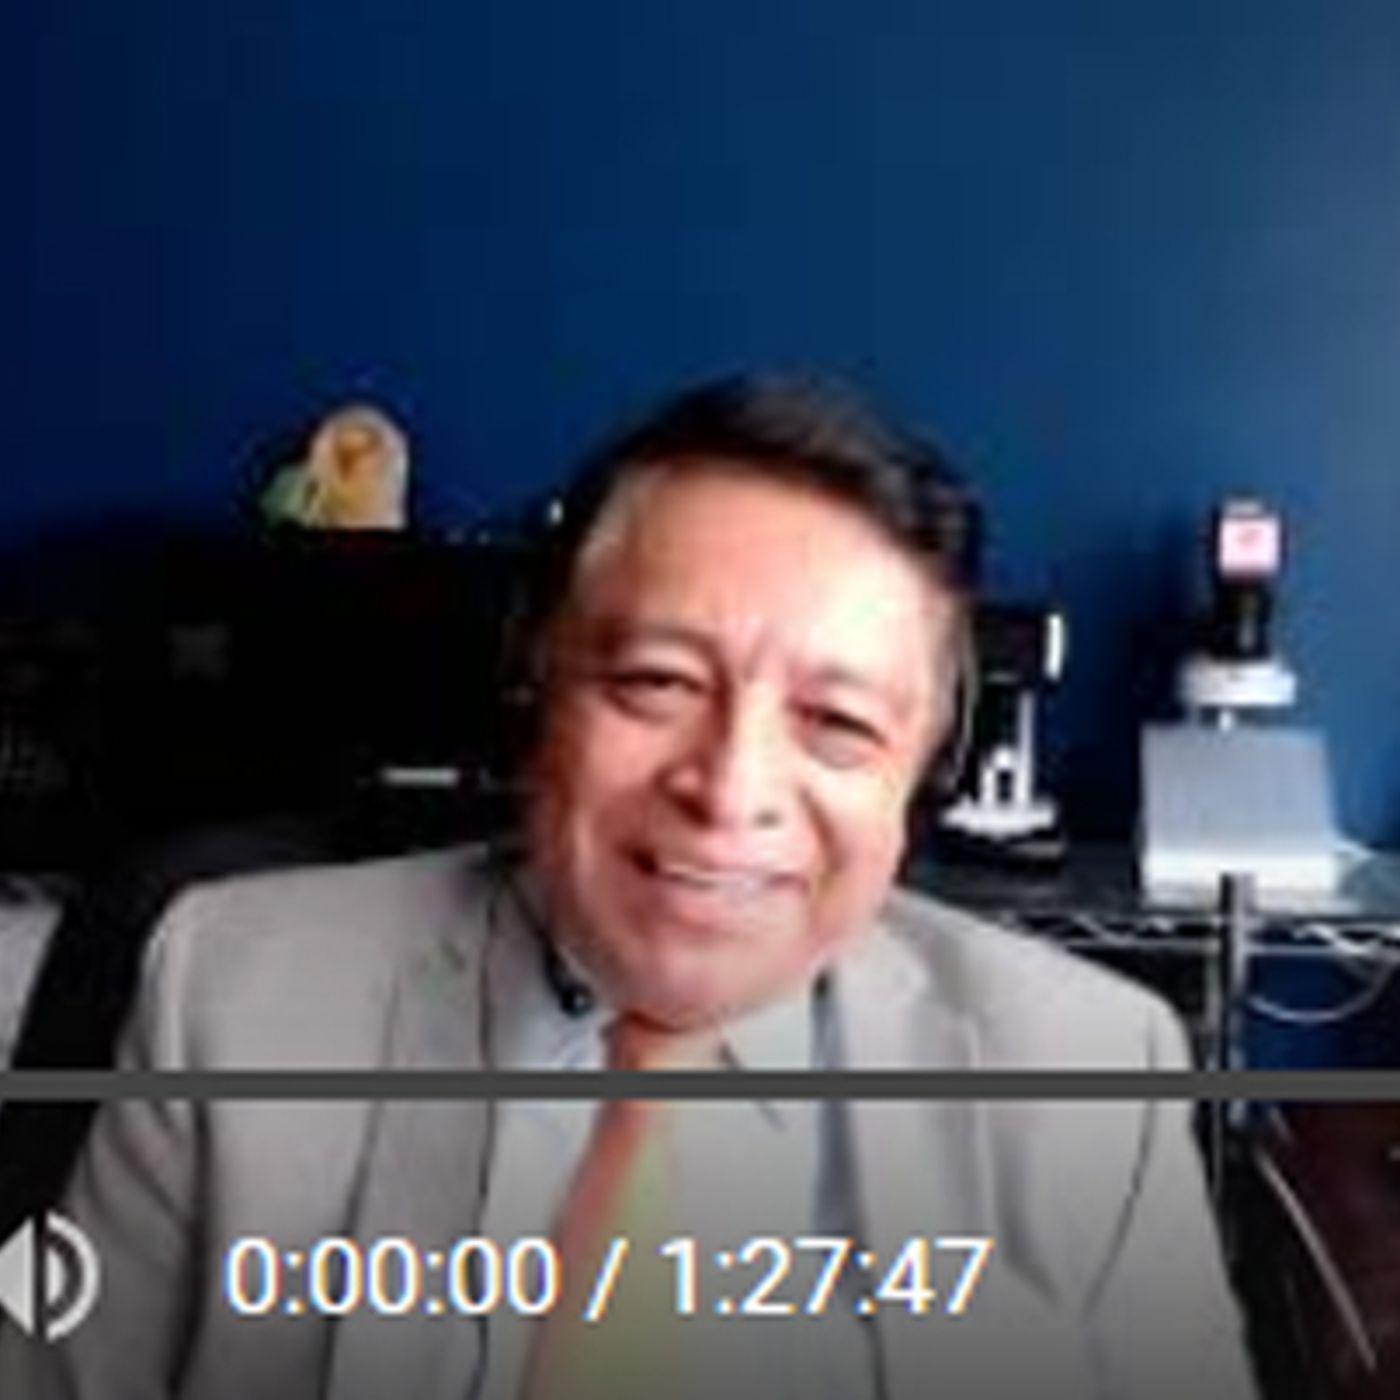 La Prueba de Grafoscopía en Iberoamérica #8 con Francisco Elias Bartolo (Sipdo México)